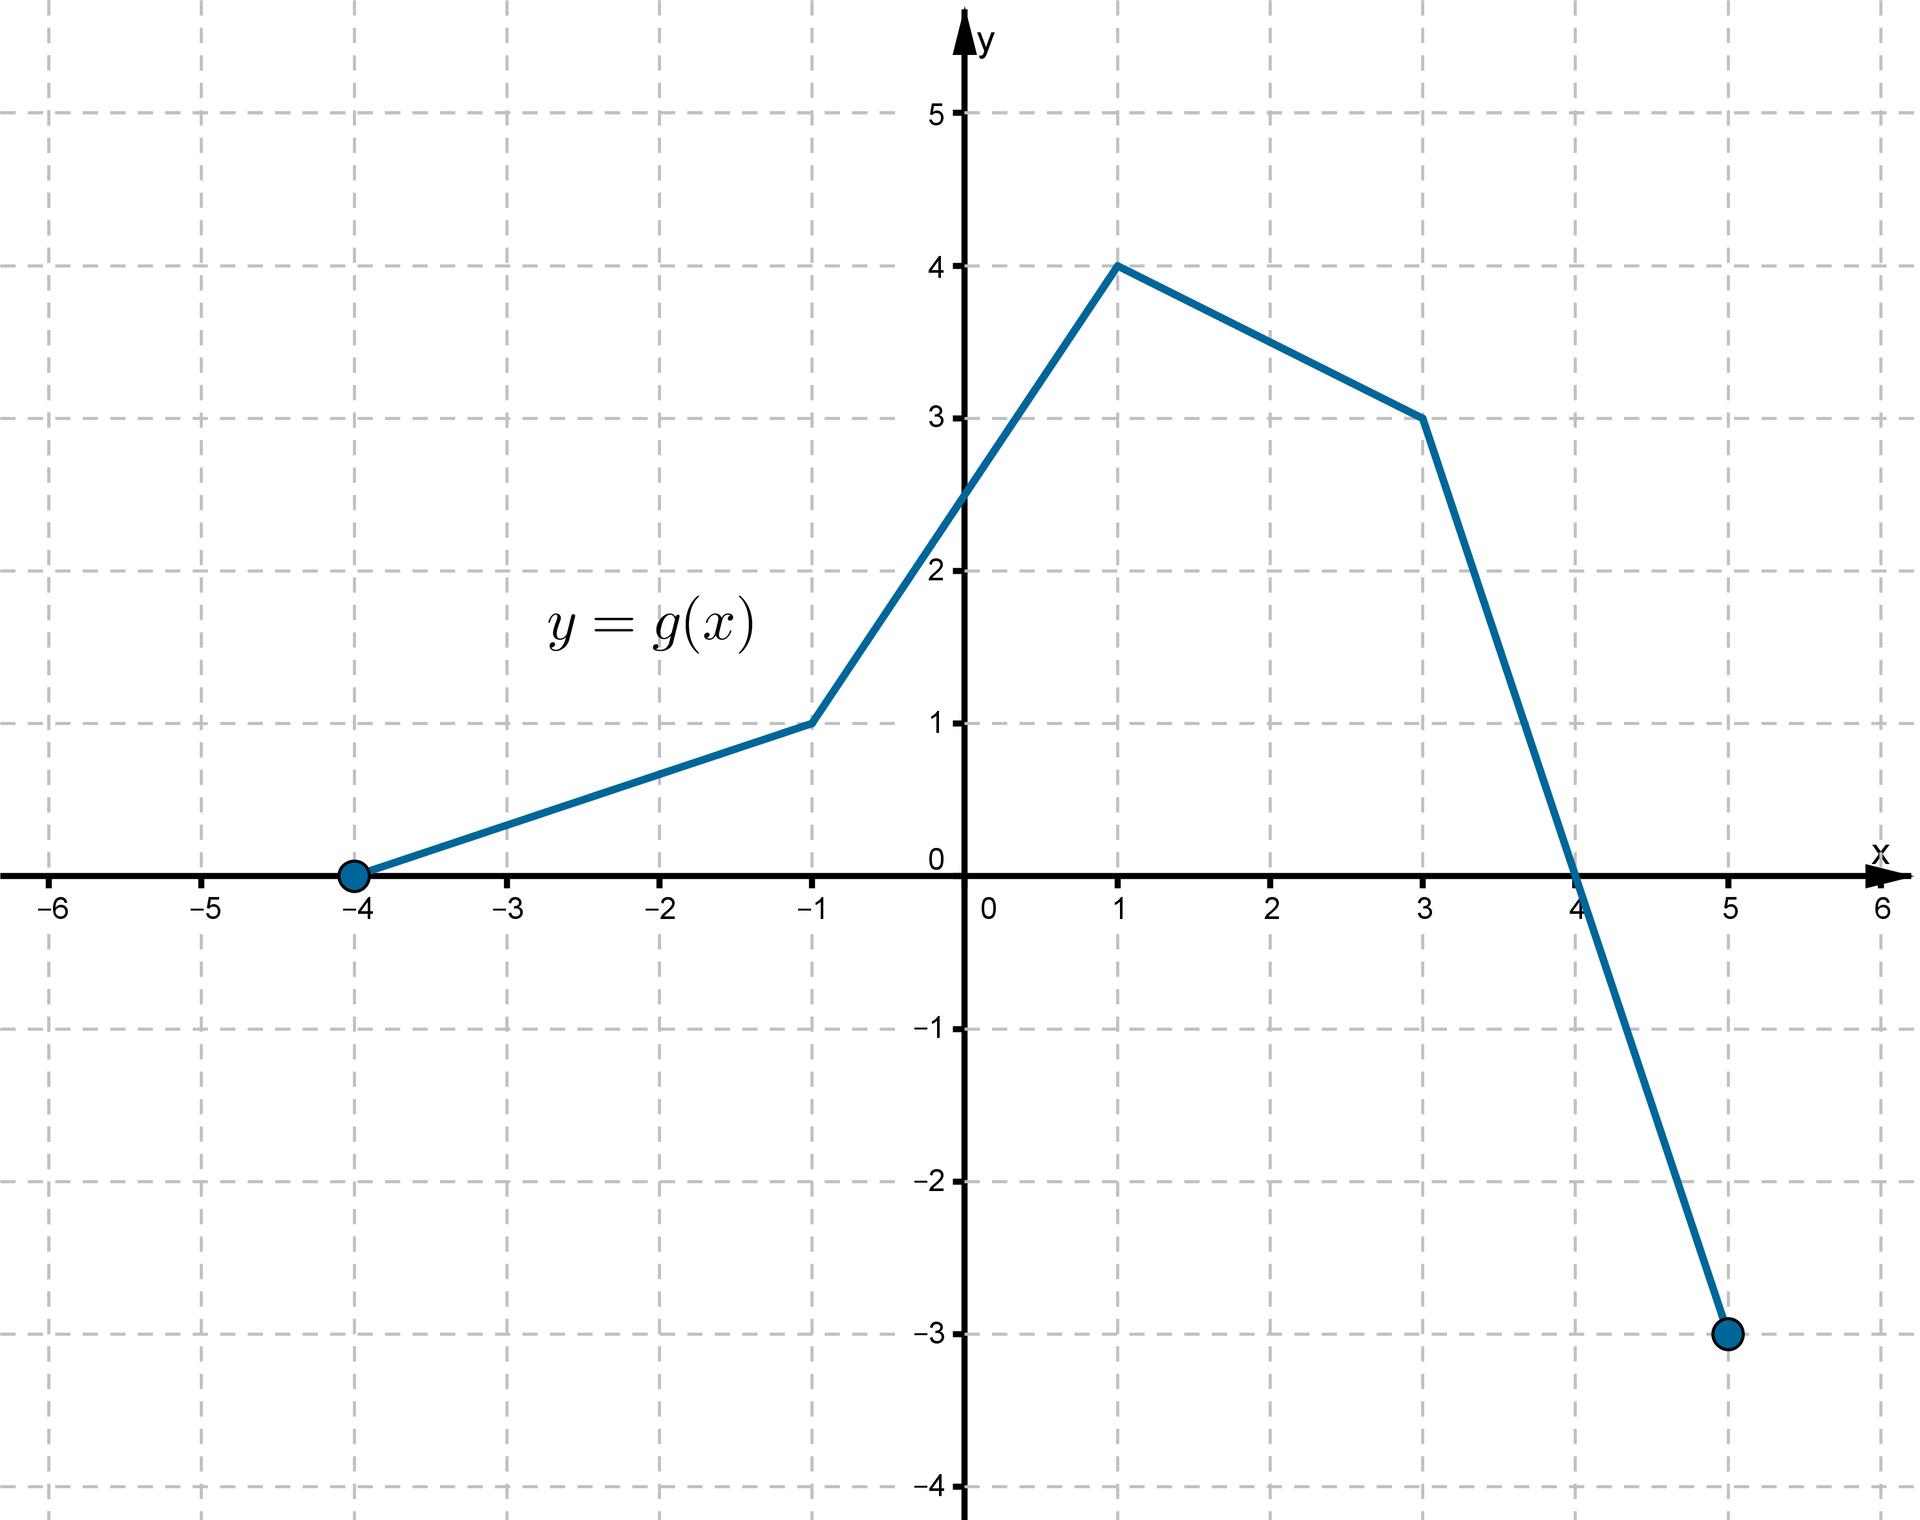 Wykres otrzymany wwyniku przesunięcia funkcji fo1 jednostkę wprawo wzdłuż osi OX io1 jednostkę wdół wzdłuż osi OY.